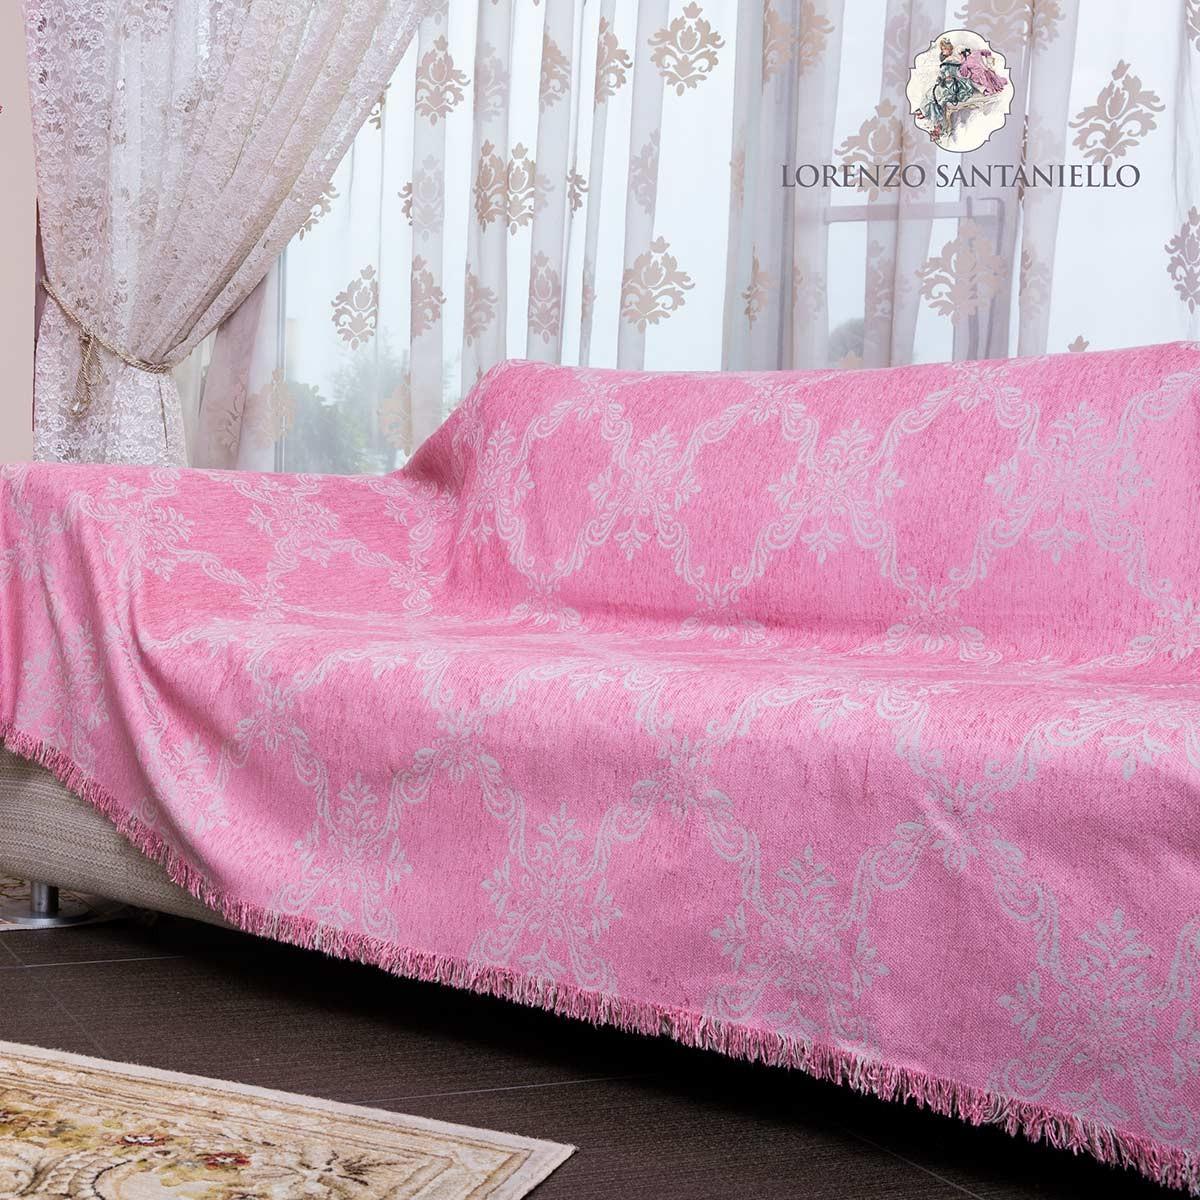 Ριχτάρι Πολυθρόνας (180x180) Lorenzo Santaniello Baroque Pink